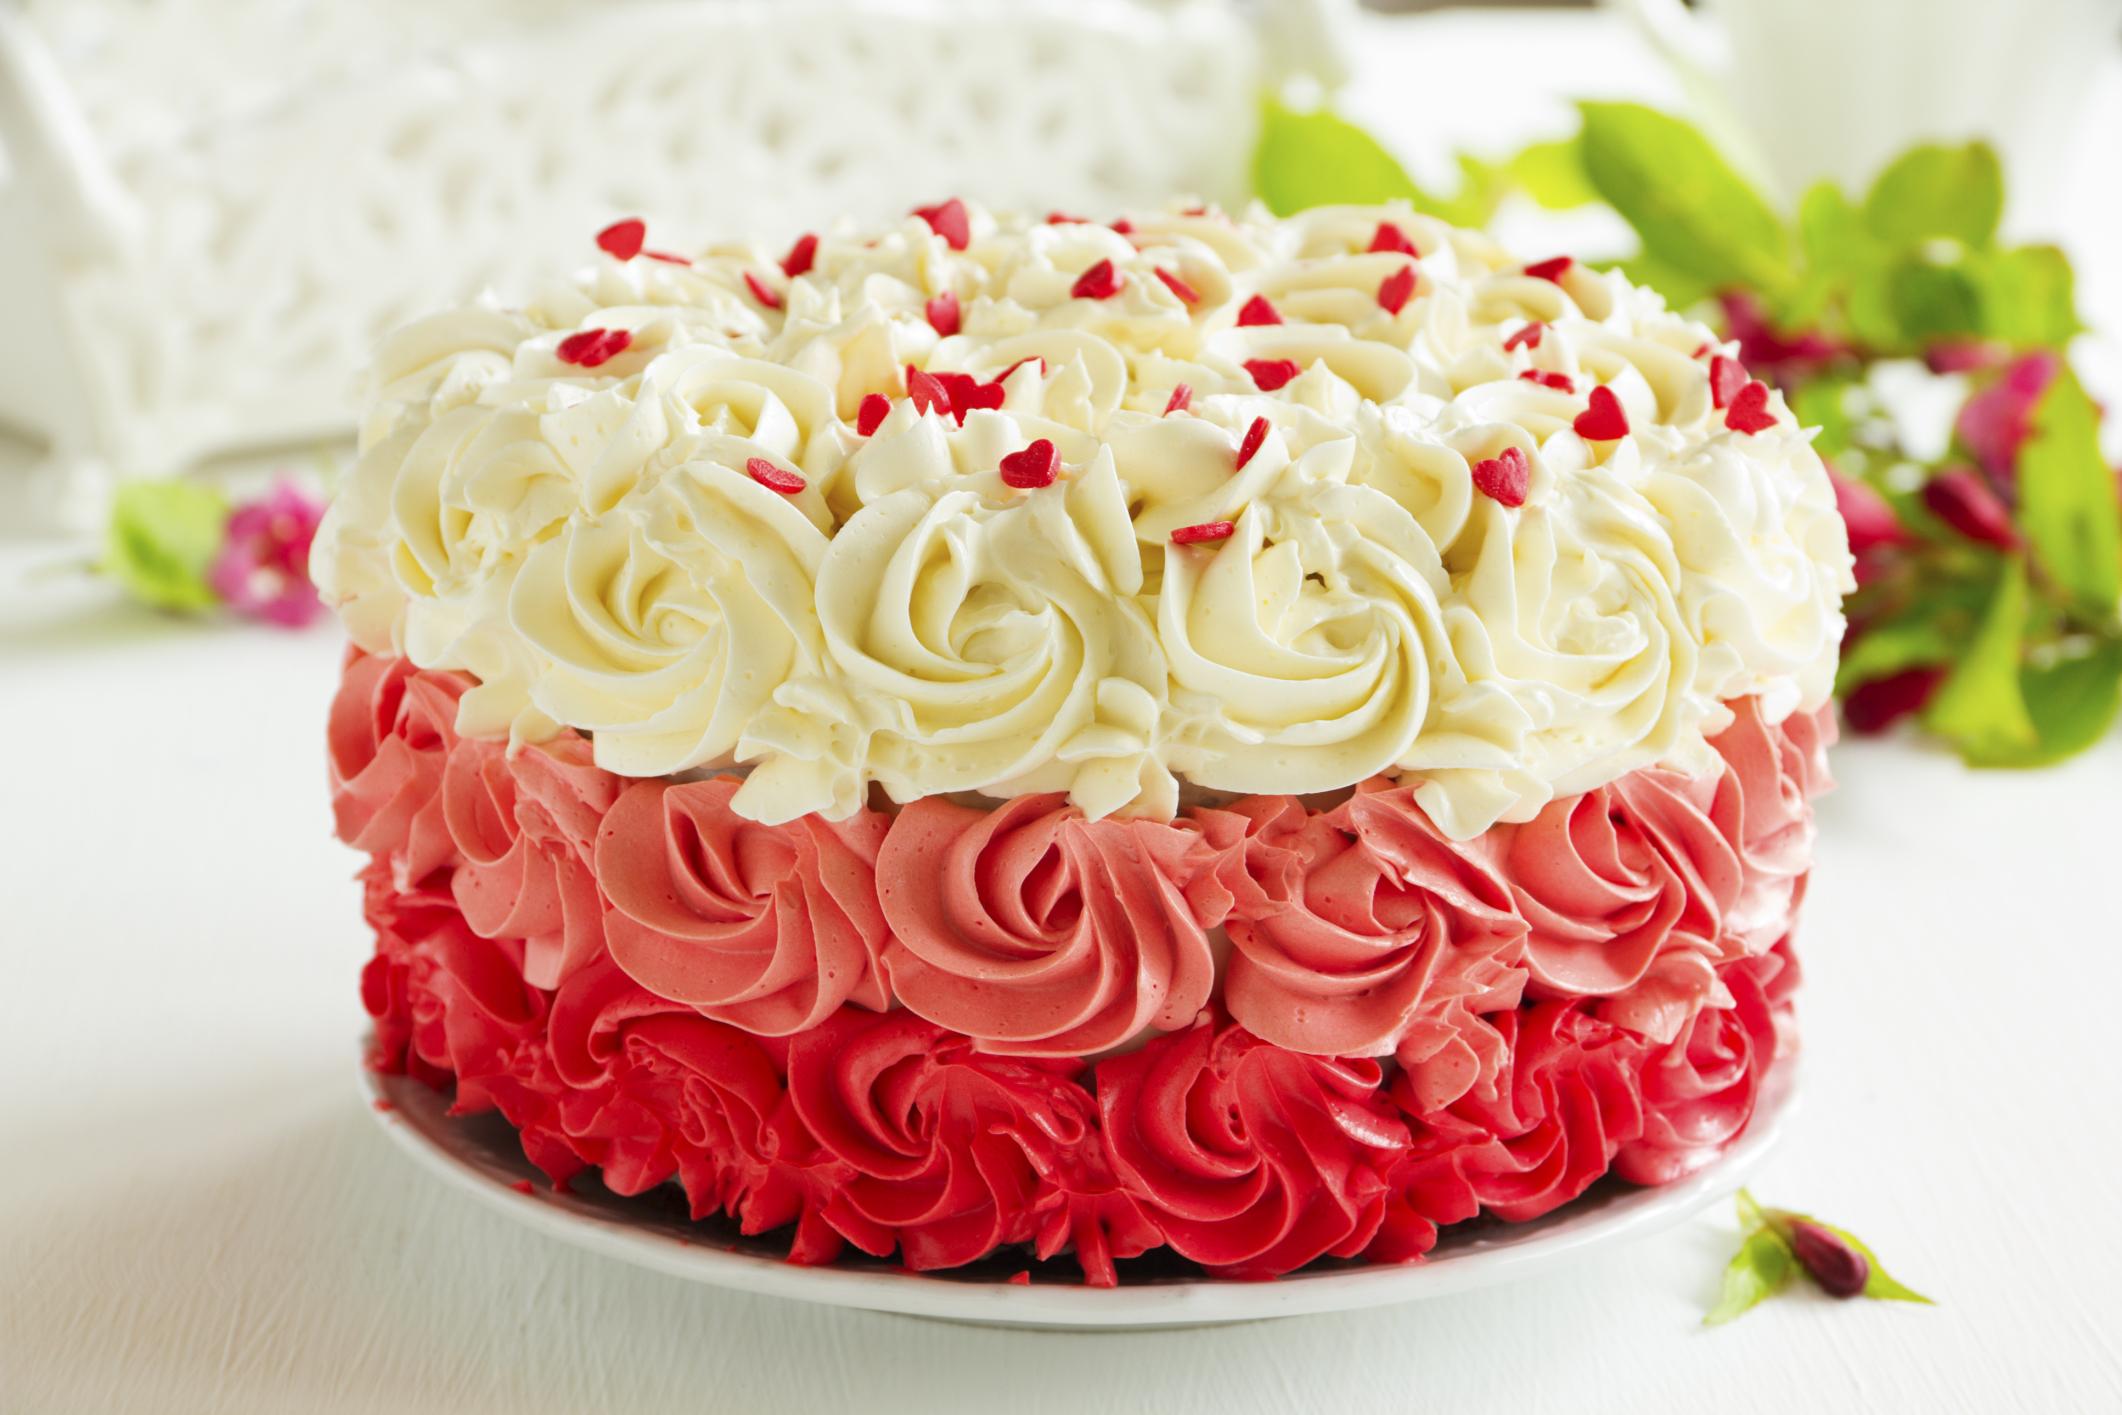 How to Store Cake Overnight | LIVESTRONG.COM